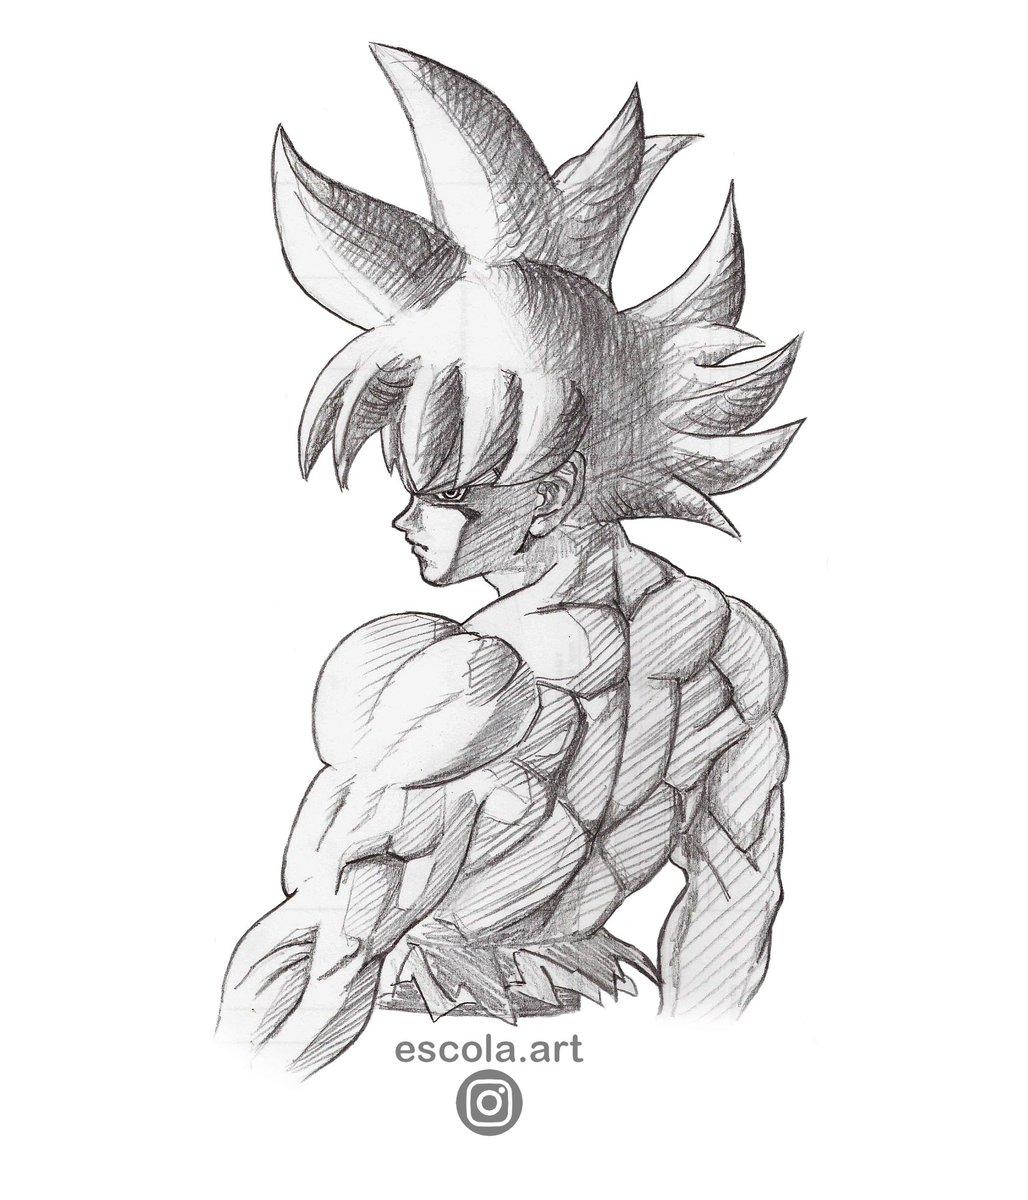 Migatte no Gokui Follow me #drawing #sketching #SaiyanRangers #DragonBall #DragonBallSuper #DragonBallZ #DragonBallGT #DragonBallKai #Anime #Manga #DBZ #Goku #Vegeta #Kamehameha #Gohan #SuperSaiyan #SuperSaiyanGod #AkiraToriyama #SuperSaiyanBlue #migattenogokui #ultrainstinctpic.twitter.com/1MKhlmVsga